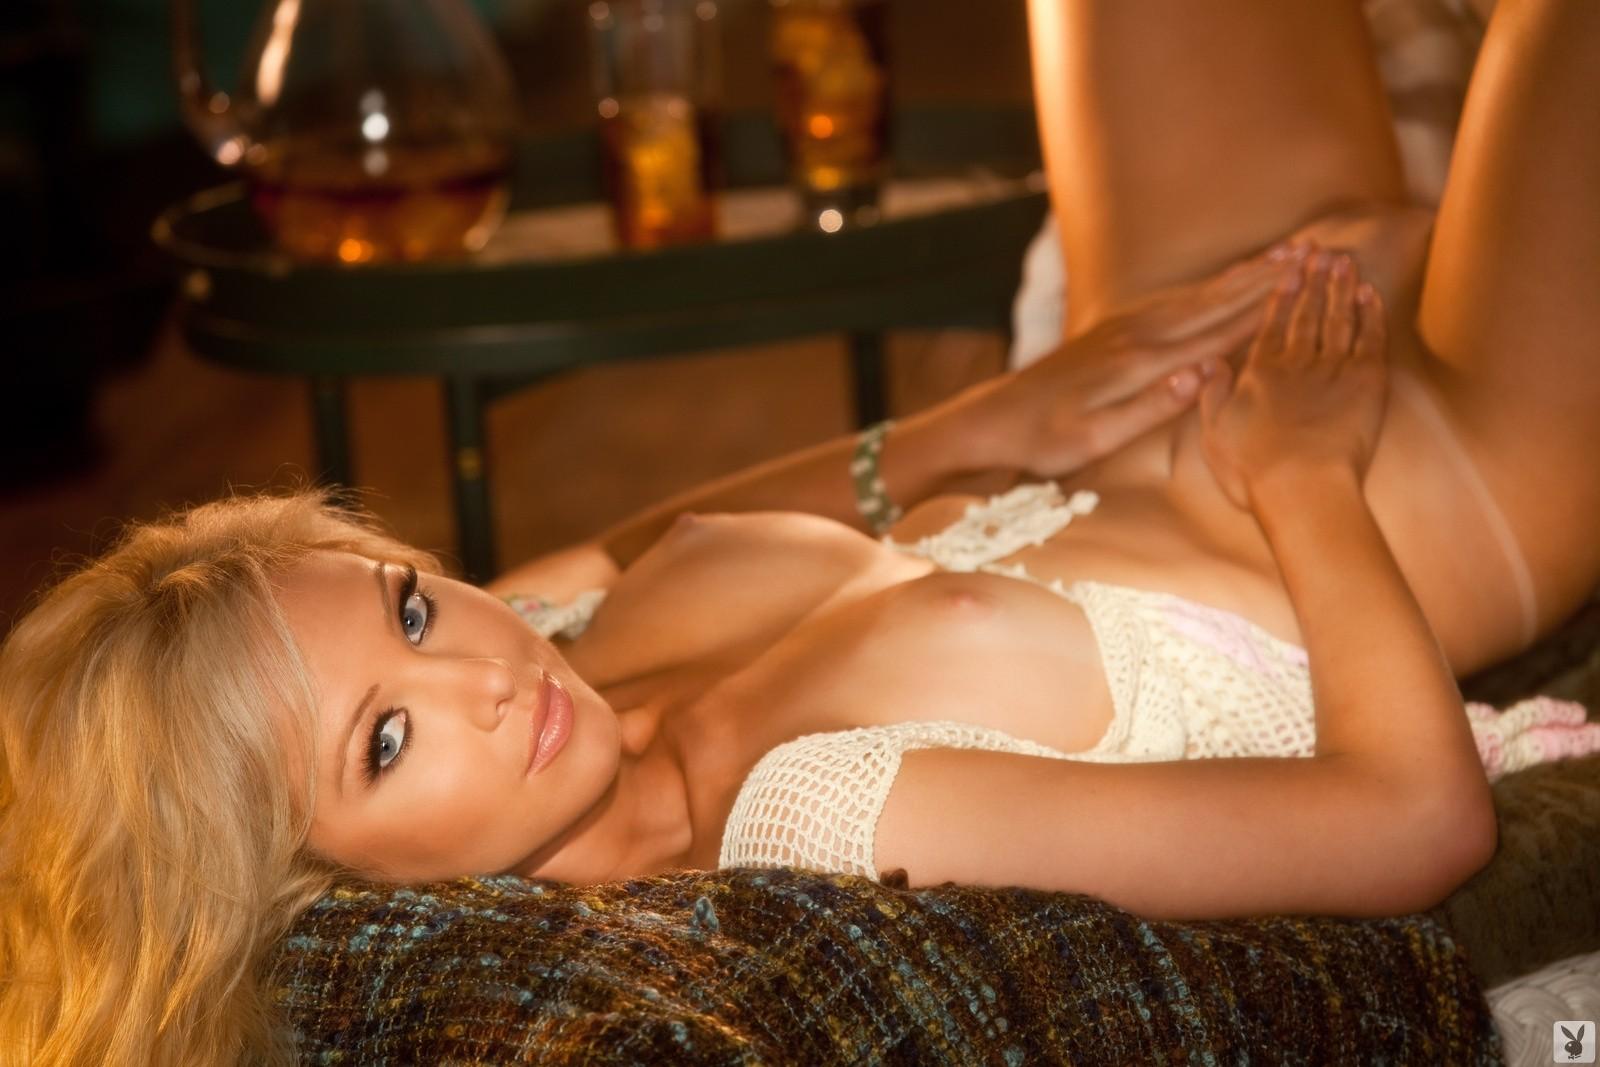 tiffany-hall-nude